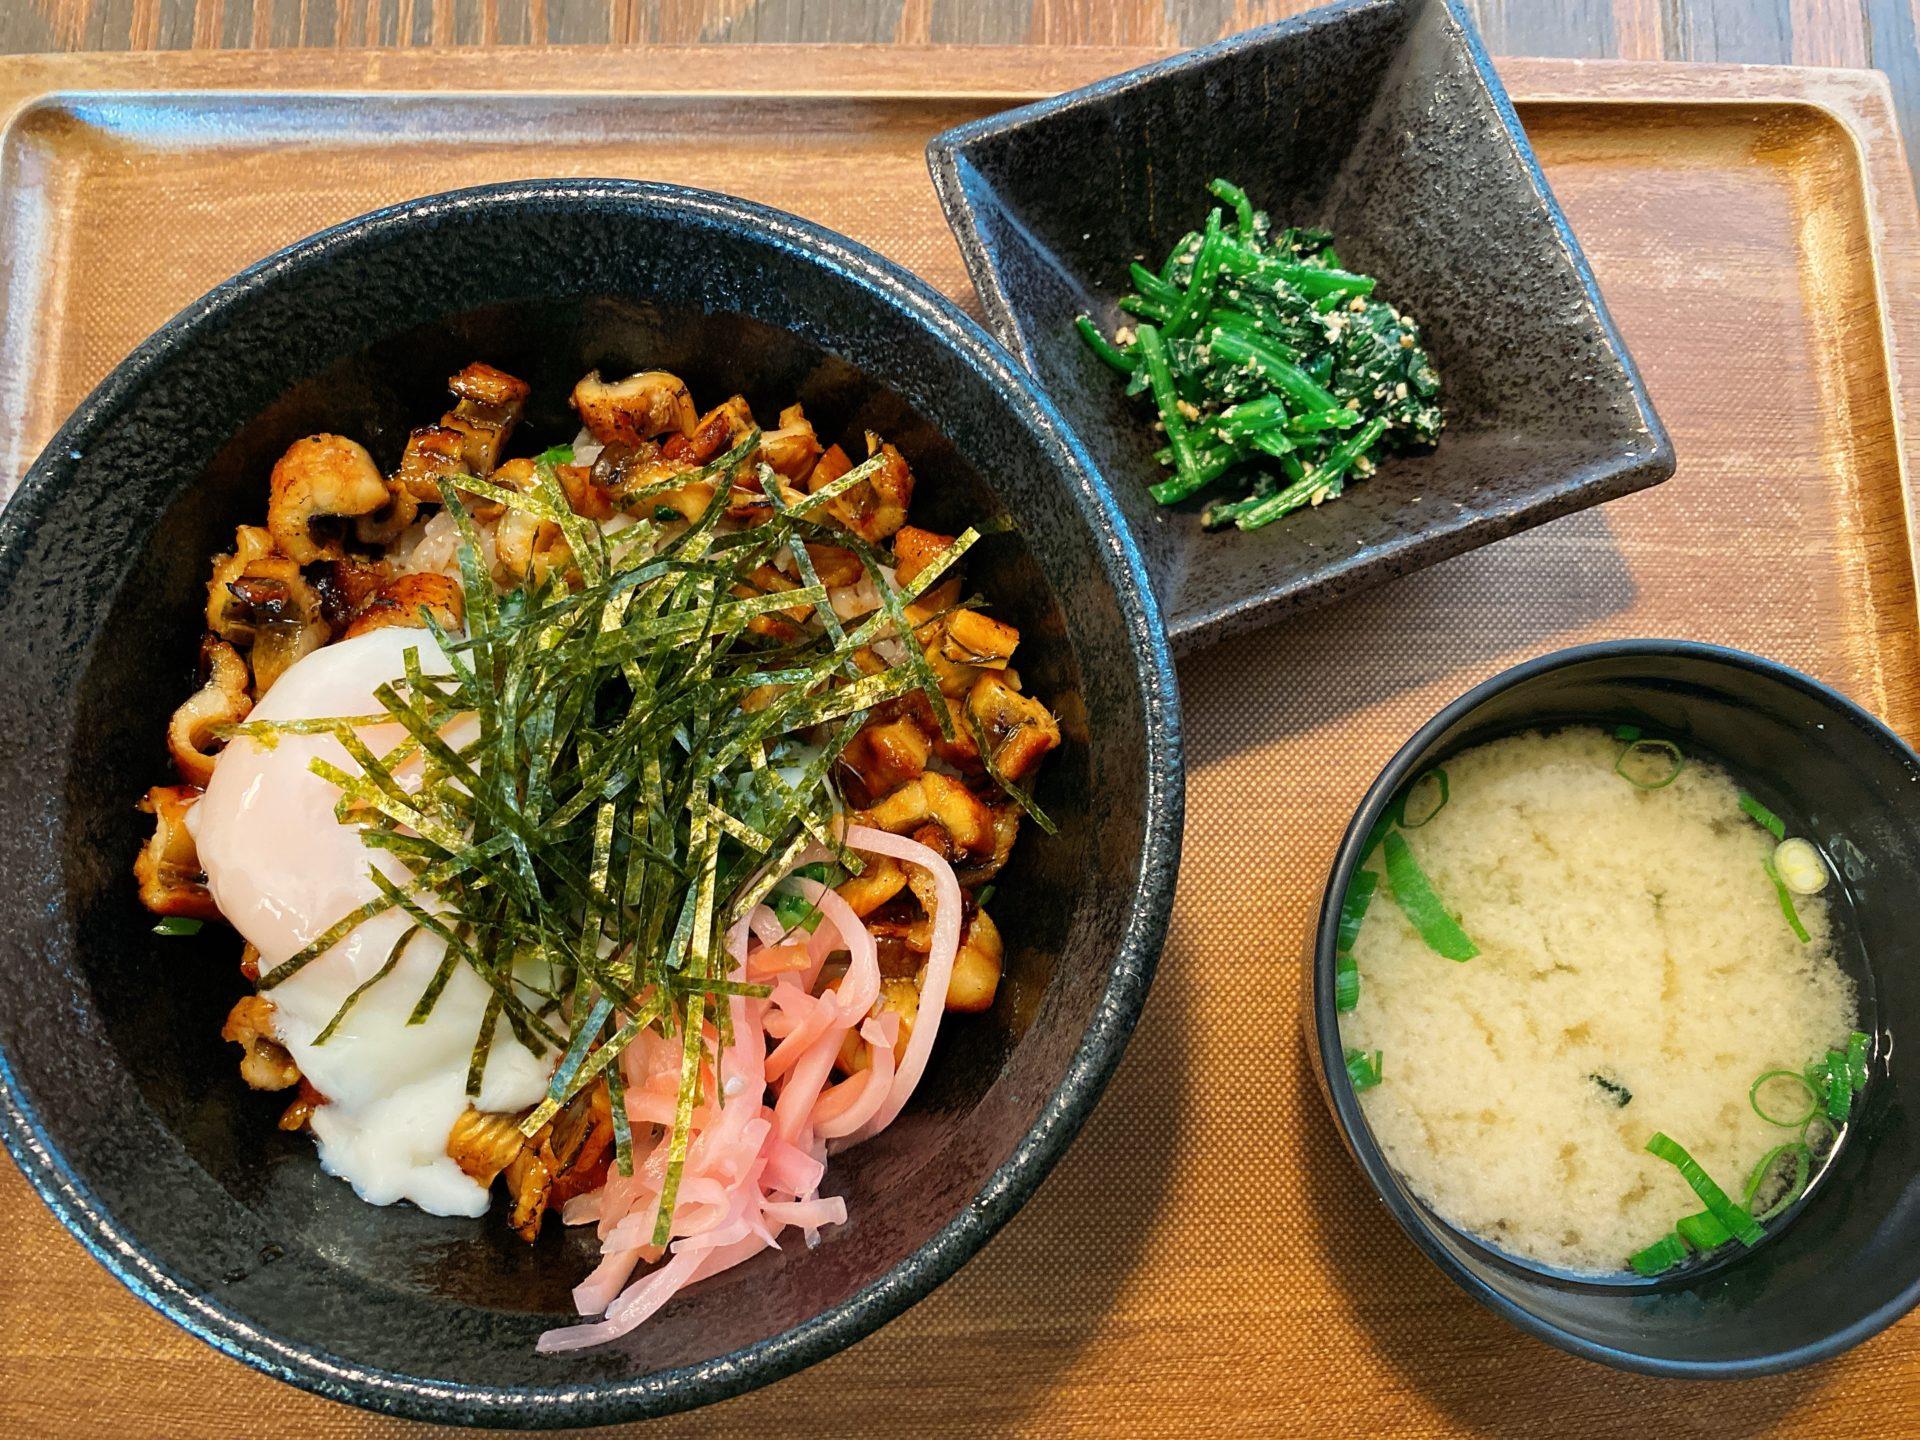 玉野市深山公園内 深山のカフェ食道の「温玉あなご飯」は、Sea級グルメグランプリの「たまの温玉めし」を改良したオリジナル!